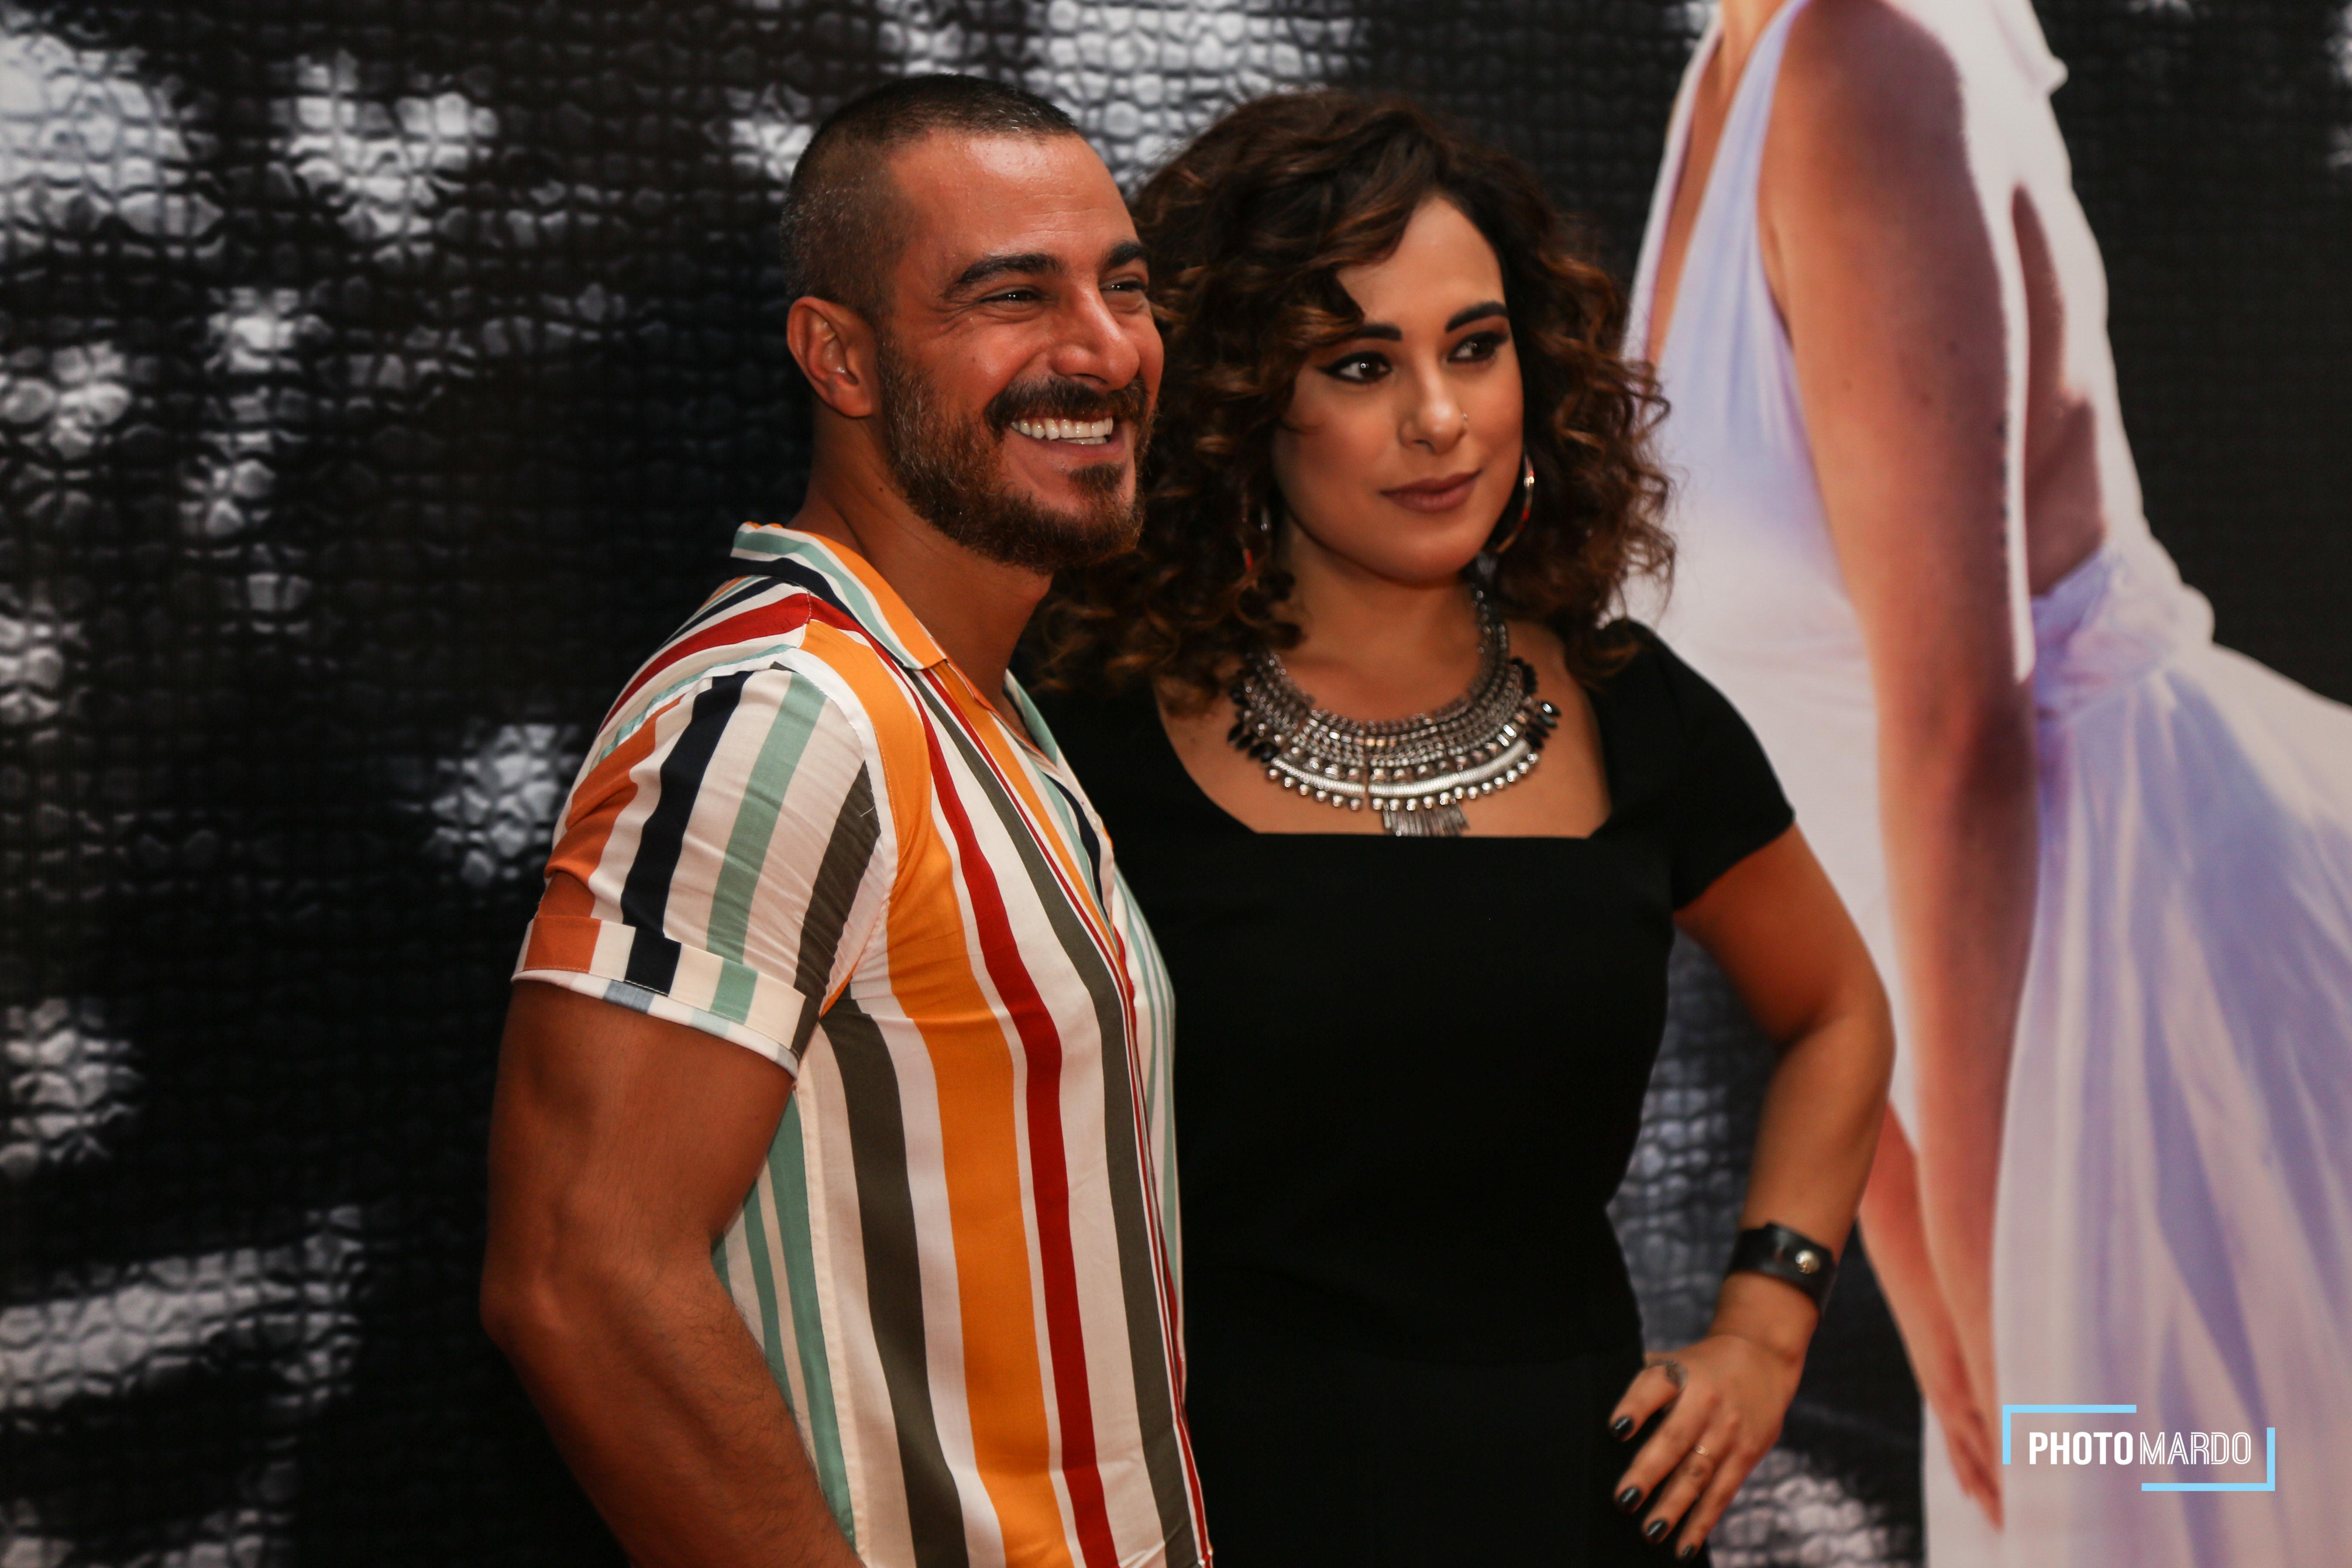 LIFF - Lebanese independent film festival